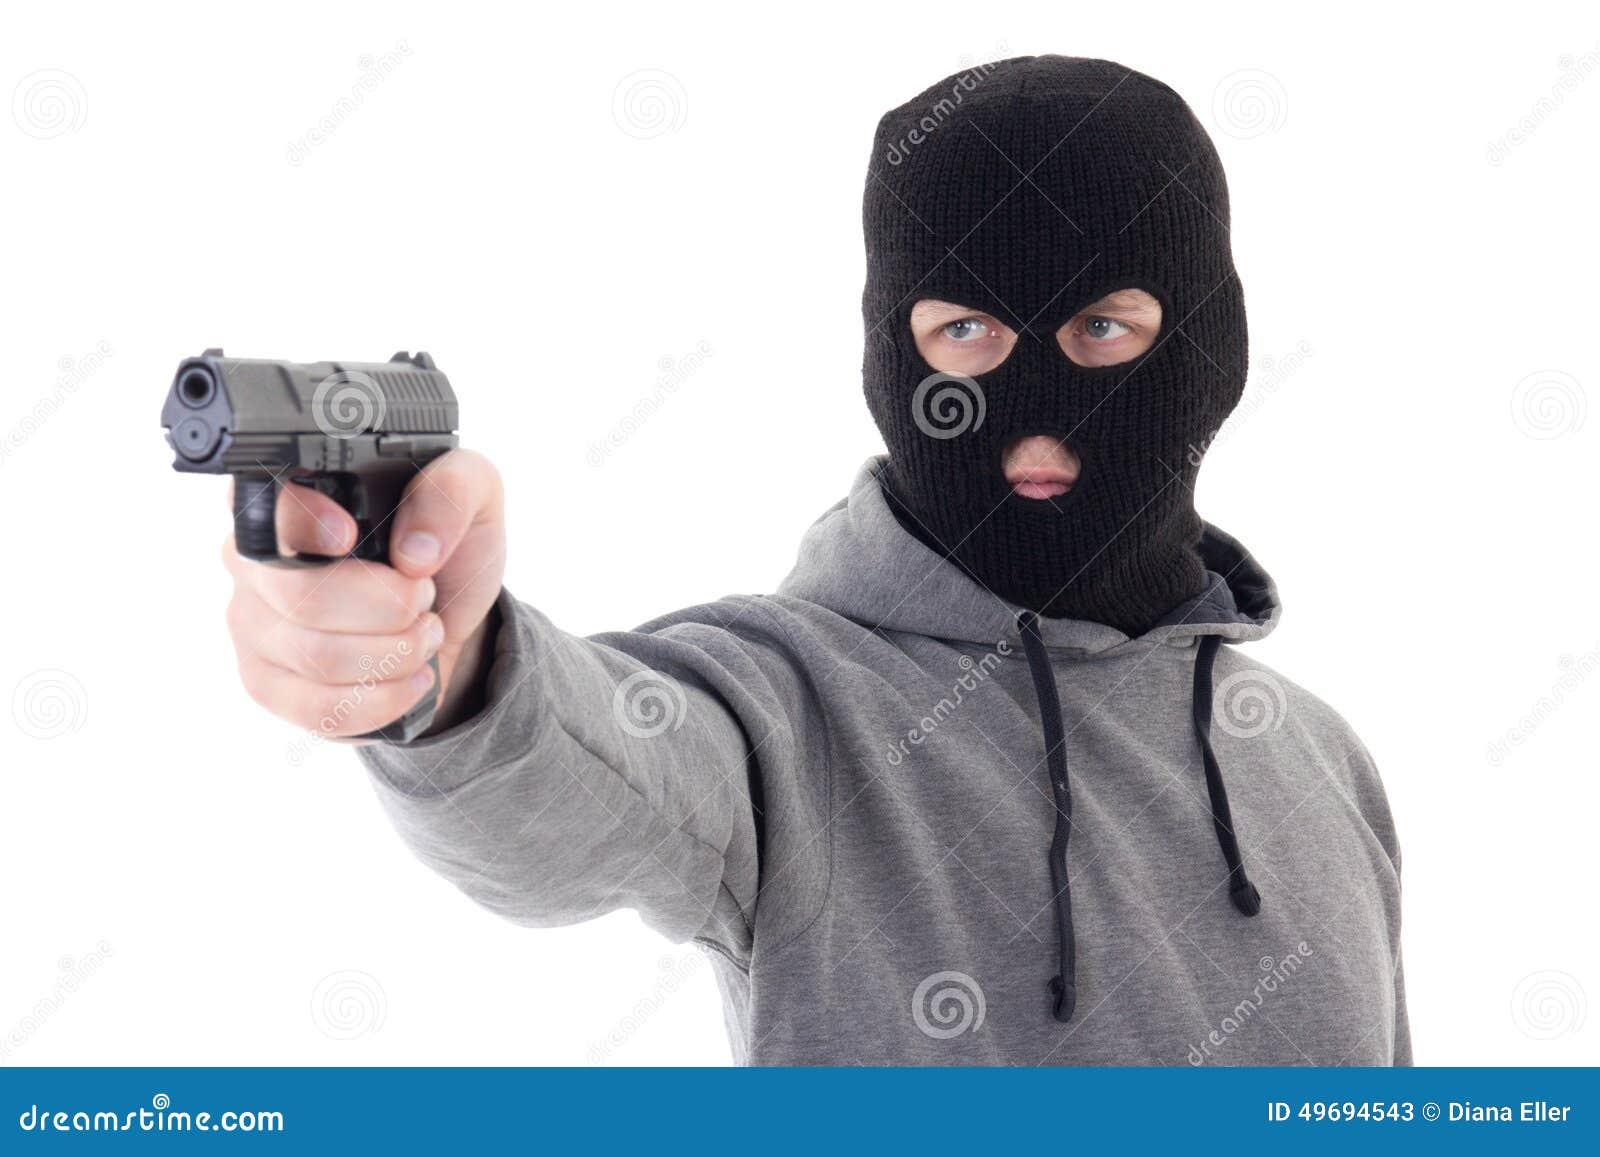 夜贼或恐怖分子瞄准与枪的面具的隔绝在白色图片